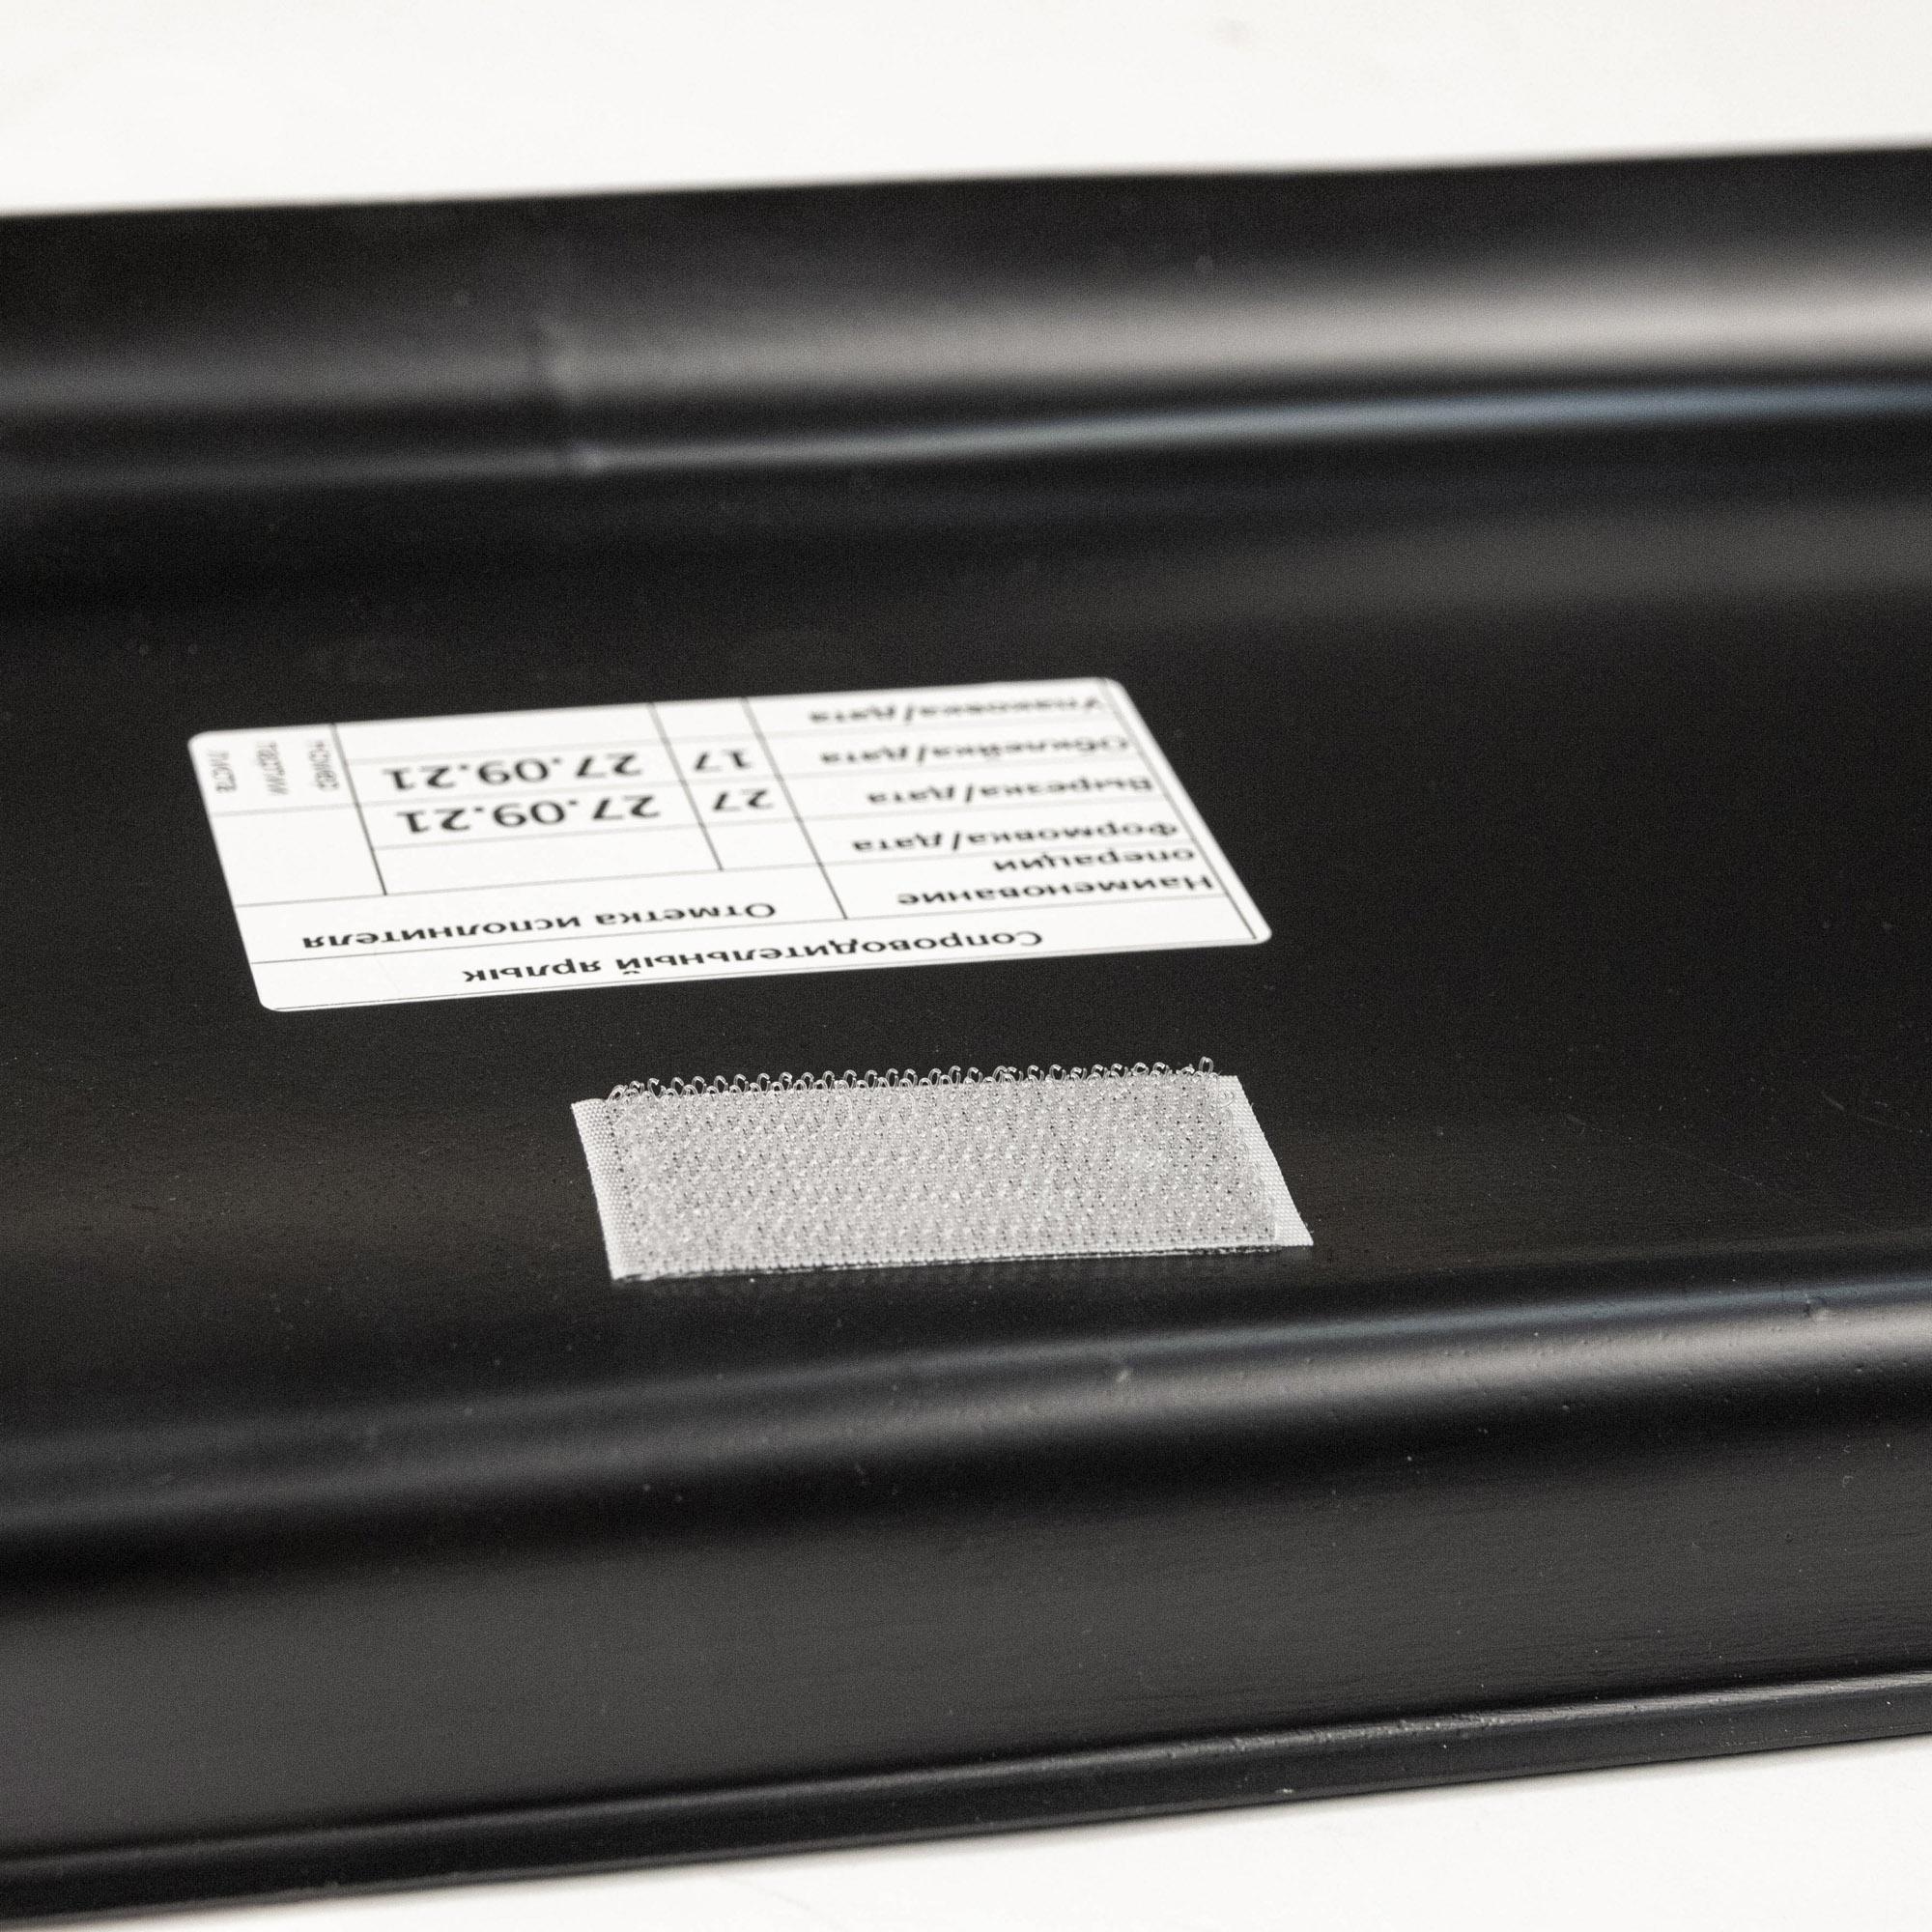 накладки на ковролин под сиденье дастер 2021 4